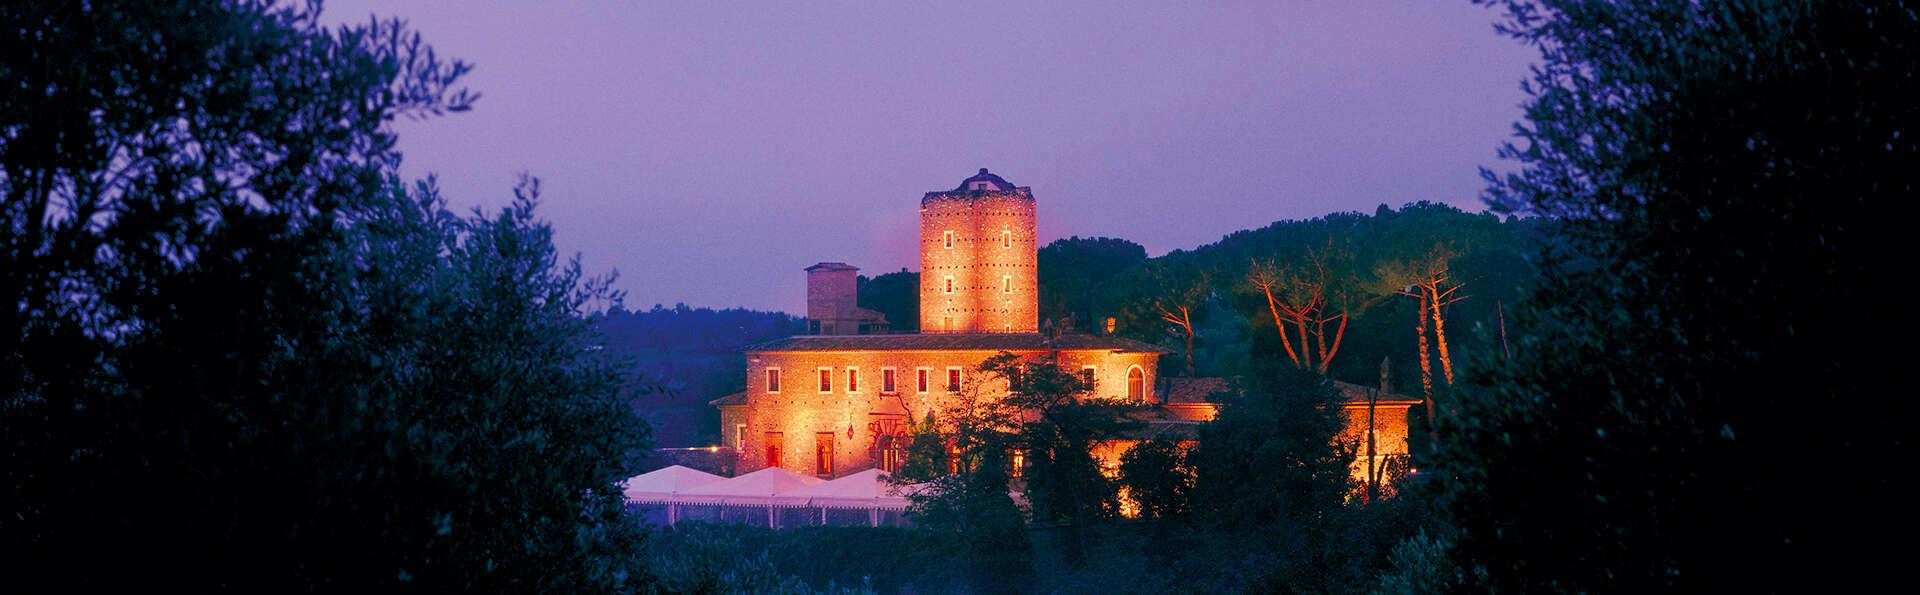 Castello della Castelluccia - Edit_Front2.jpg